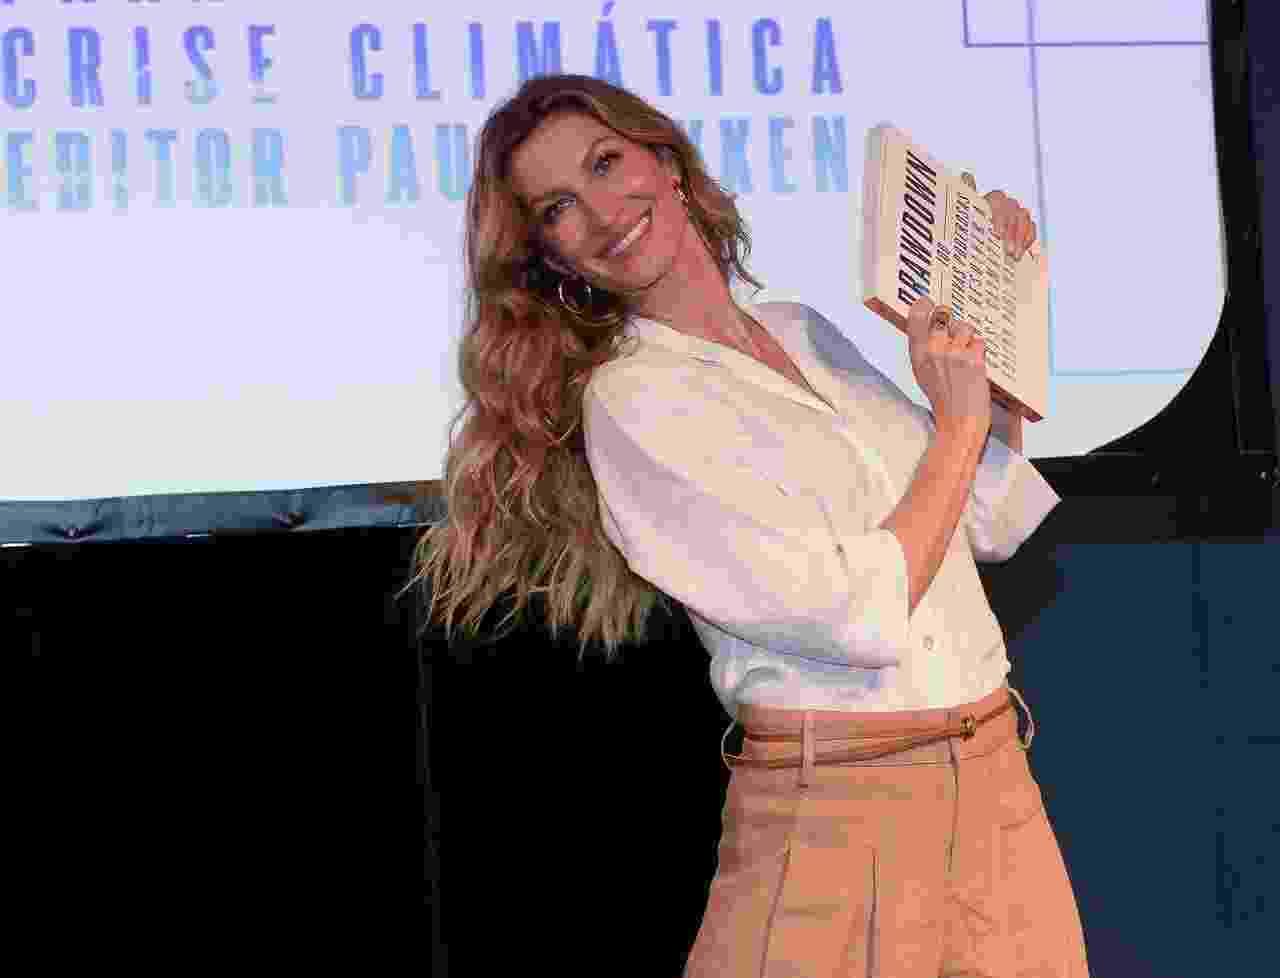 """Gisele Bündchen esteve em São Paulo nesta sexta para o lançamento de """"Drawdown - 100 Iniciativas Poderosas para Resolver a Crise Climática"""", livro do ambientalista americano Paul Hawken - Francisco Cepeda/AgNews"""